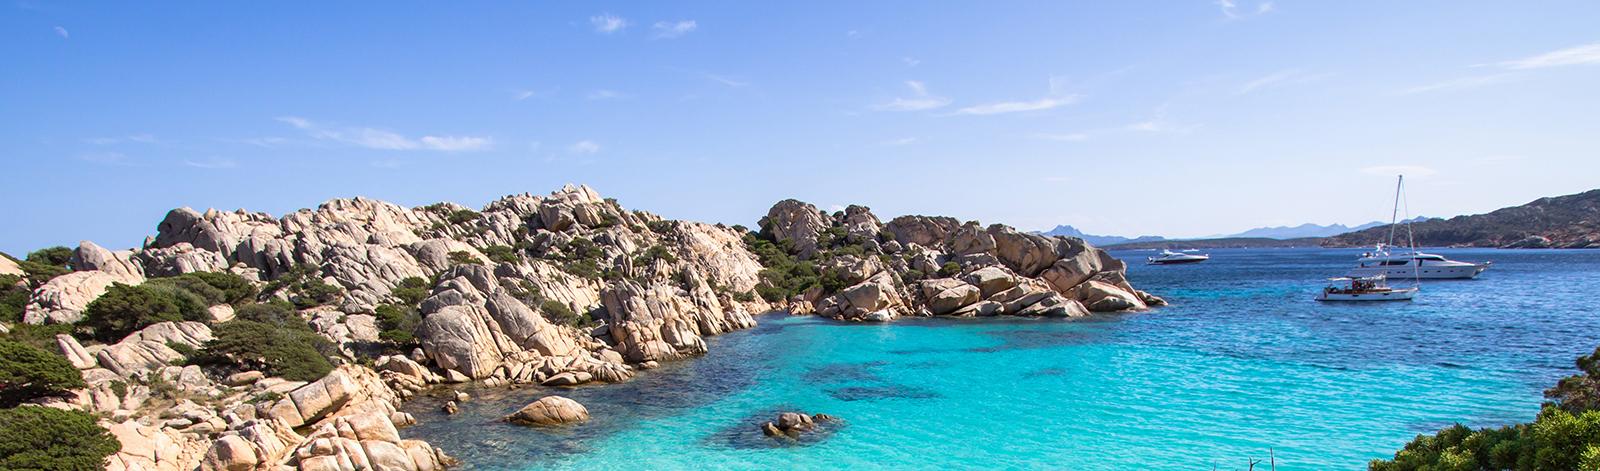 Beach of Cala Coticcio in Sardinia, Italy